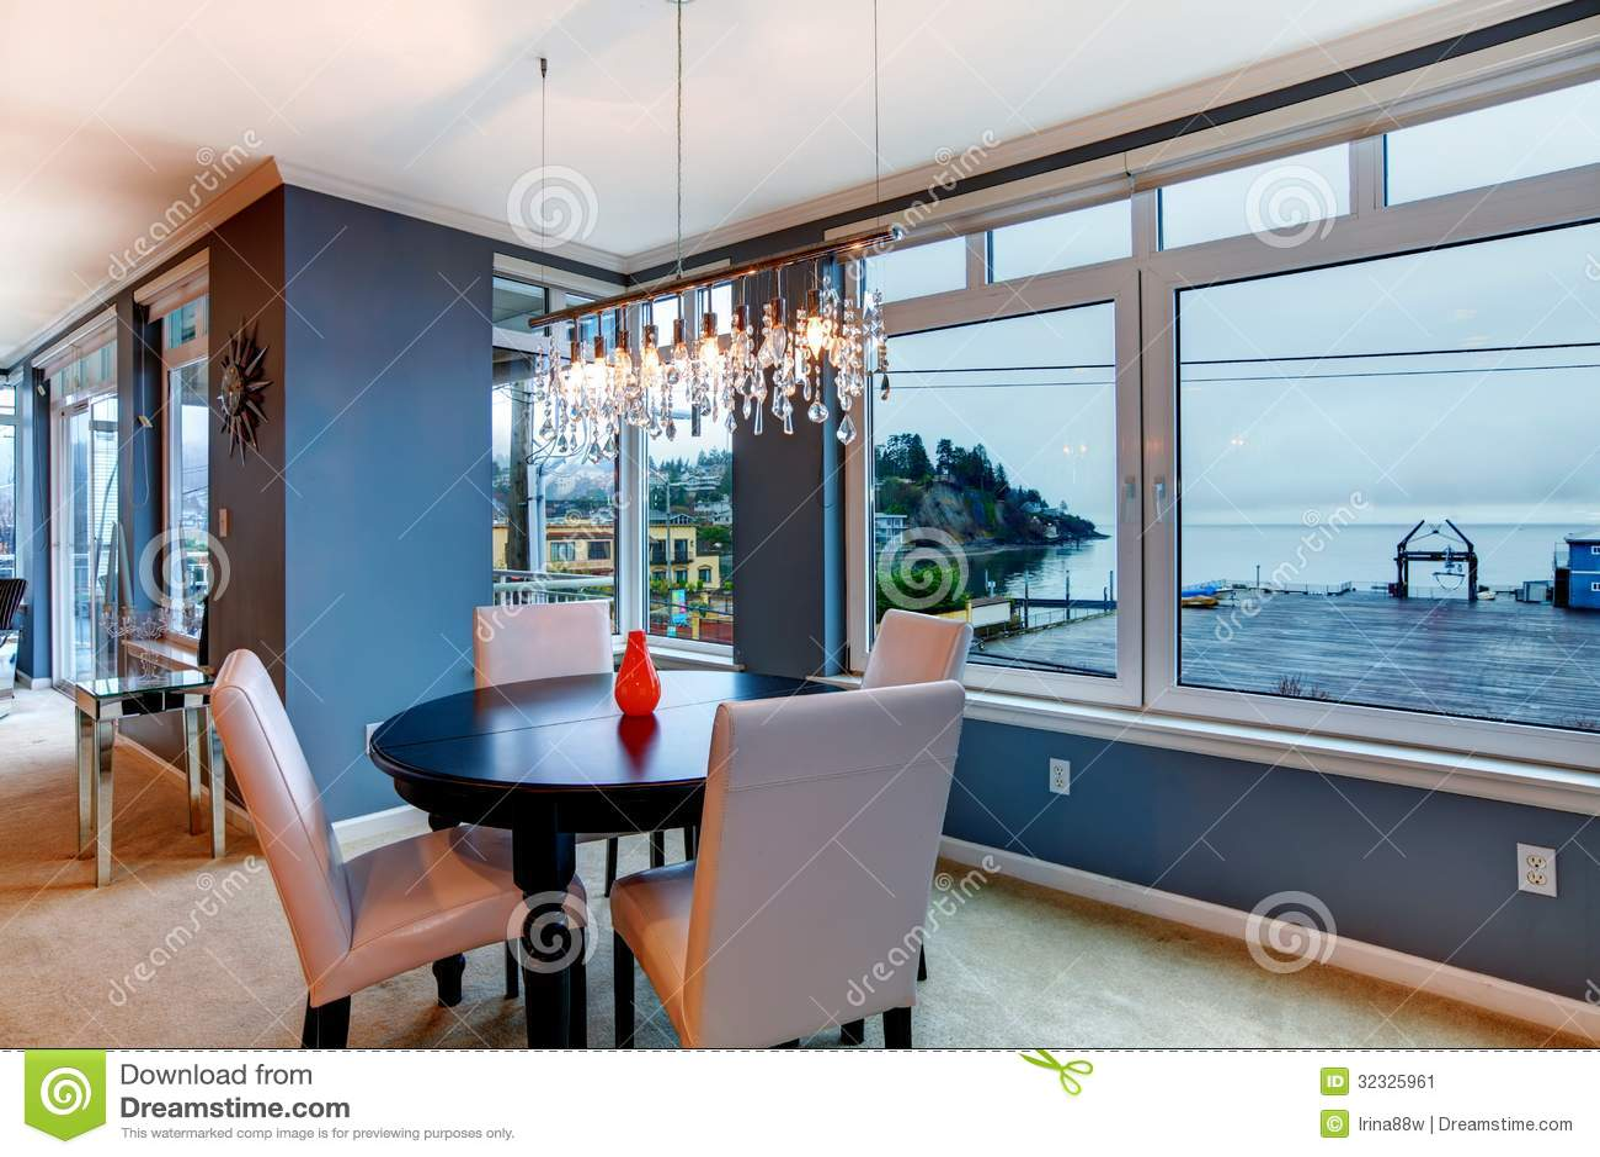 De eetkamer van de stadsflat met ronde kleine lijst en blauwe muren stock afbeelding - Idee van de eetkamer ...